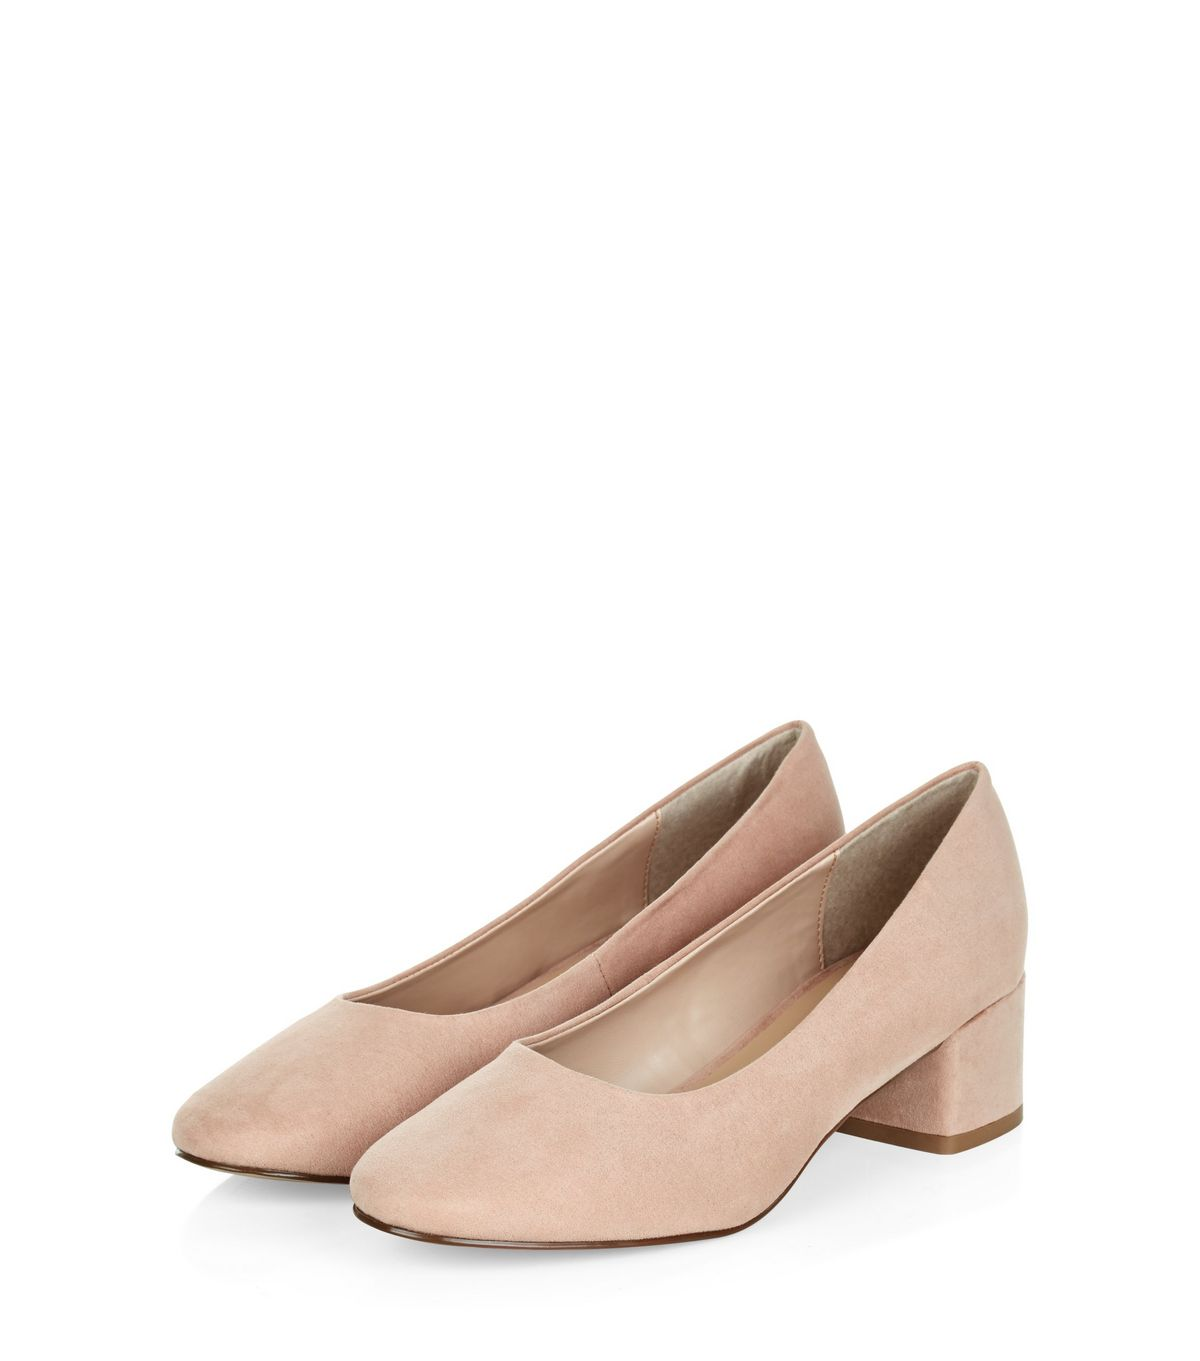 Nude Suedette Mid Block Heels  | New Look